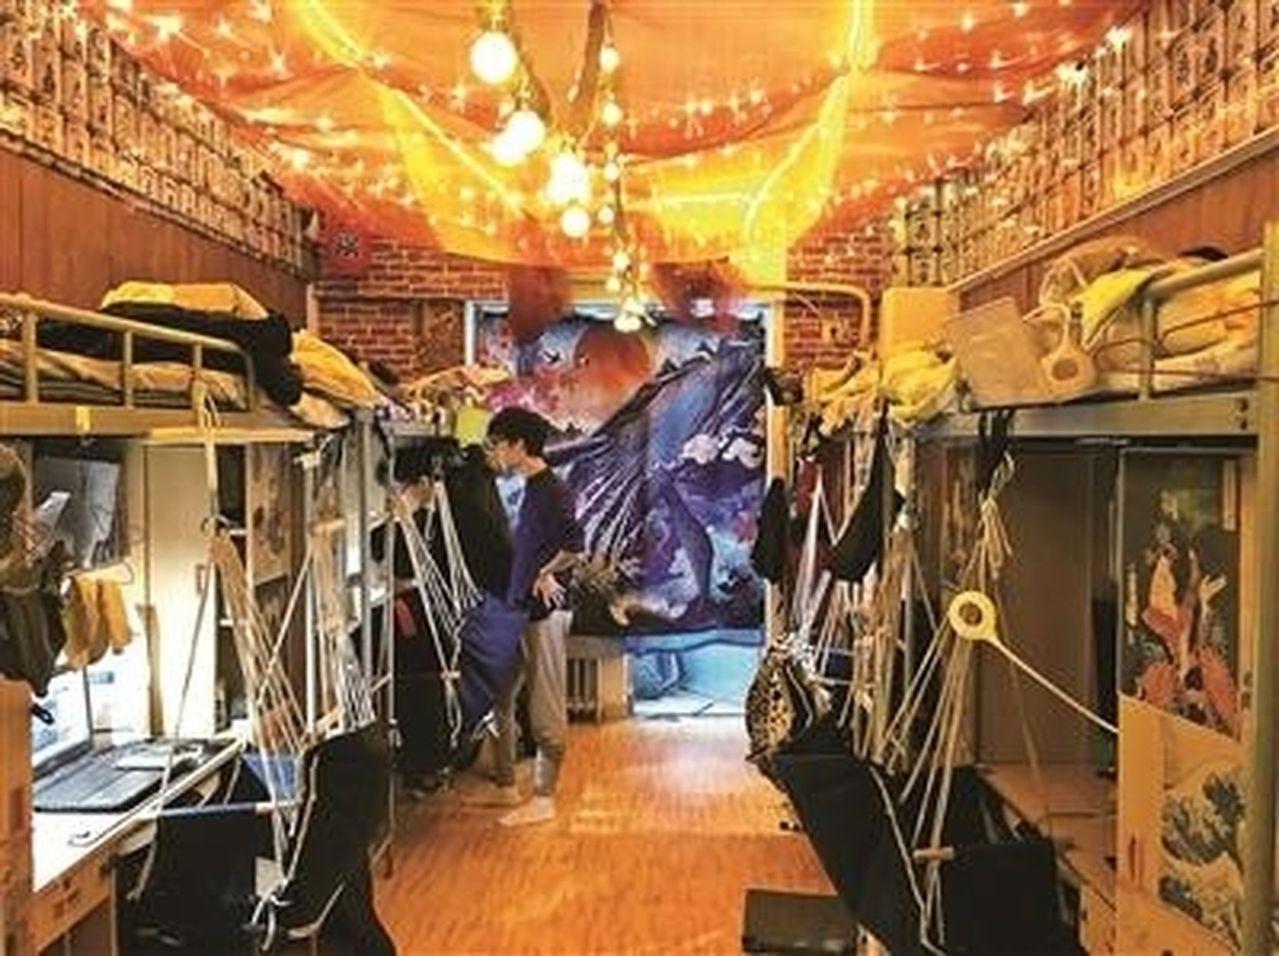 鋪上地毯,綁上吊椅,屋頂布滿紅色紗幔,掛上紙糊的燈籠,串上幾排小吊燈…,中國傳媒...